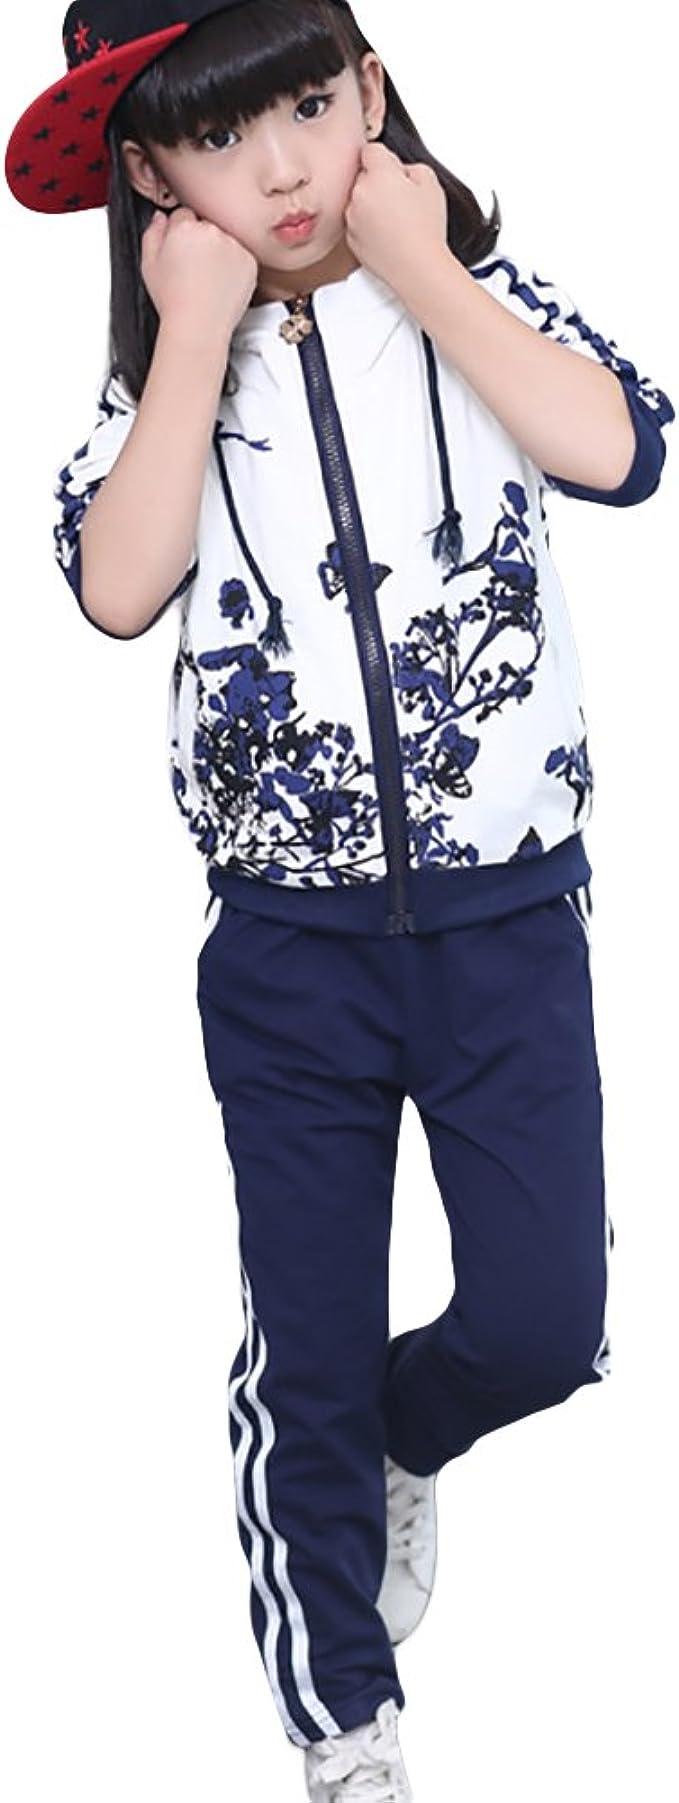 SXSHUN Niñas (3-12 Años) Traje de Chándal con Estampado de ...